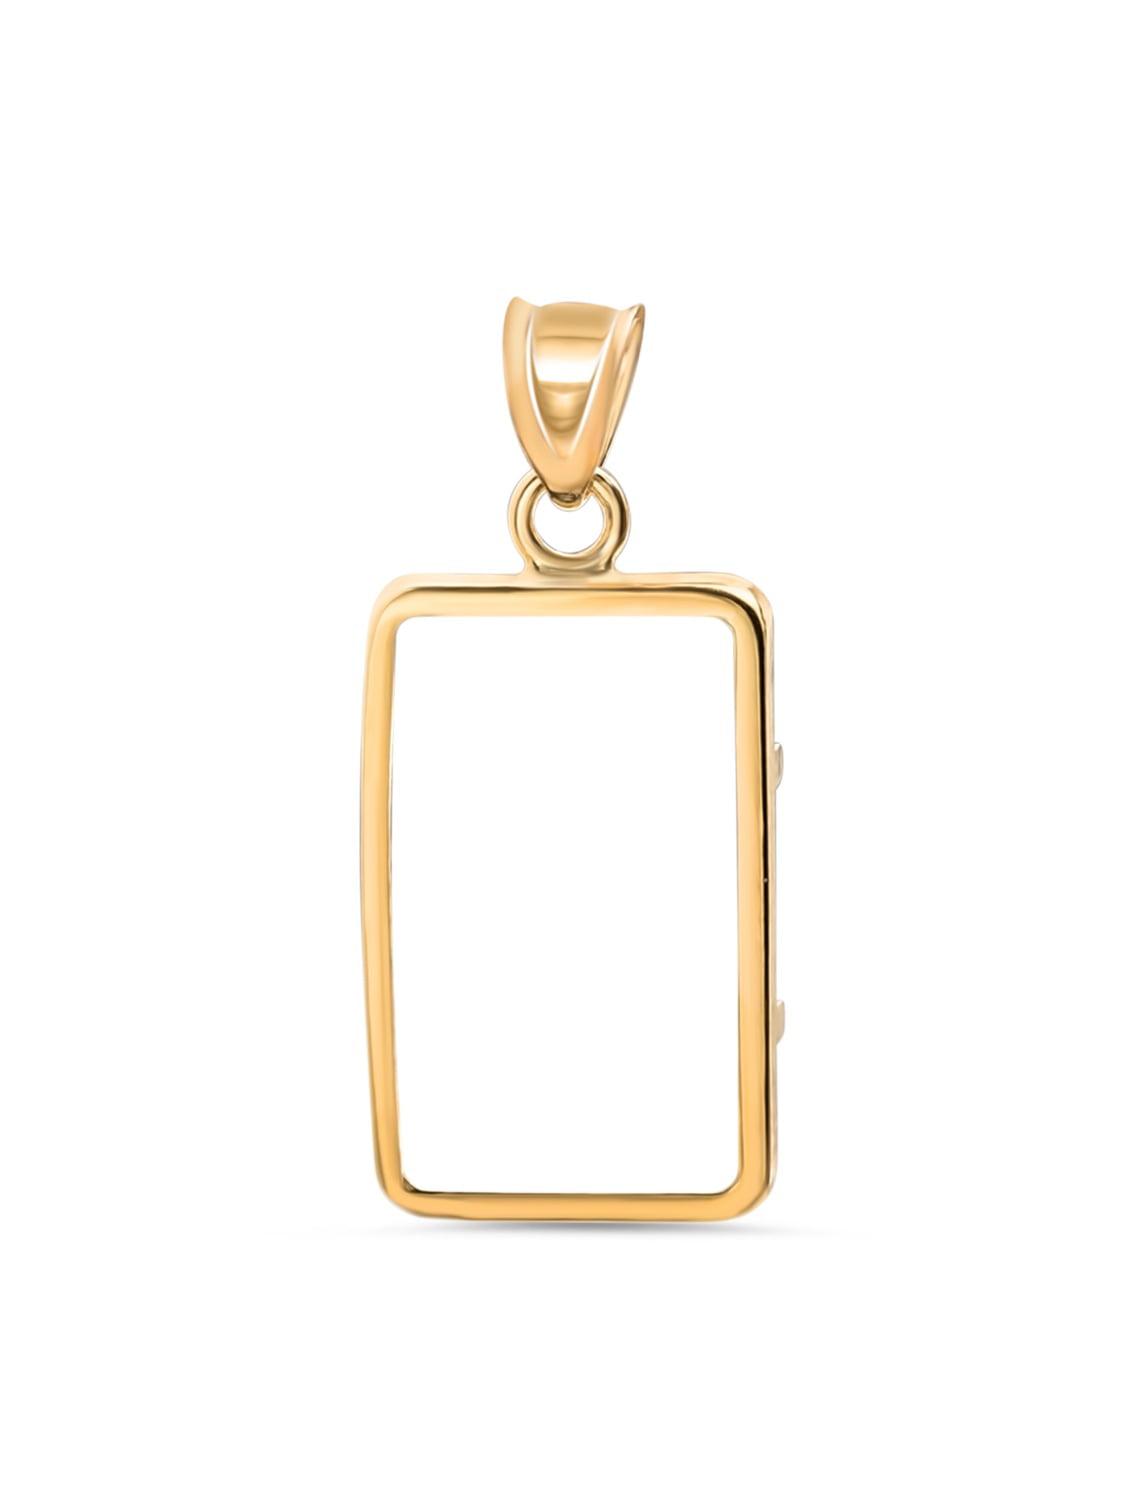 14K Gold Prong Plain-Front Bezel (1 gram CS Gold Bar)